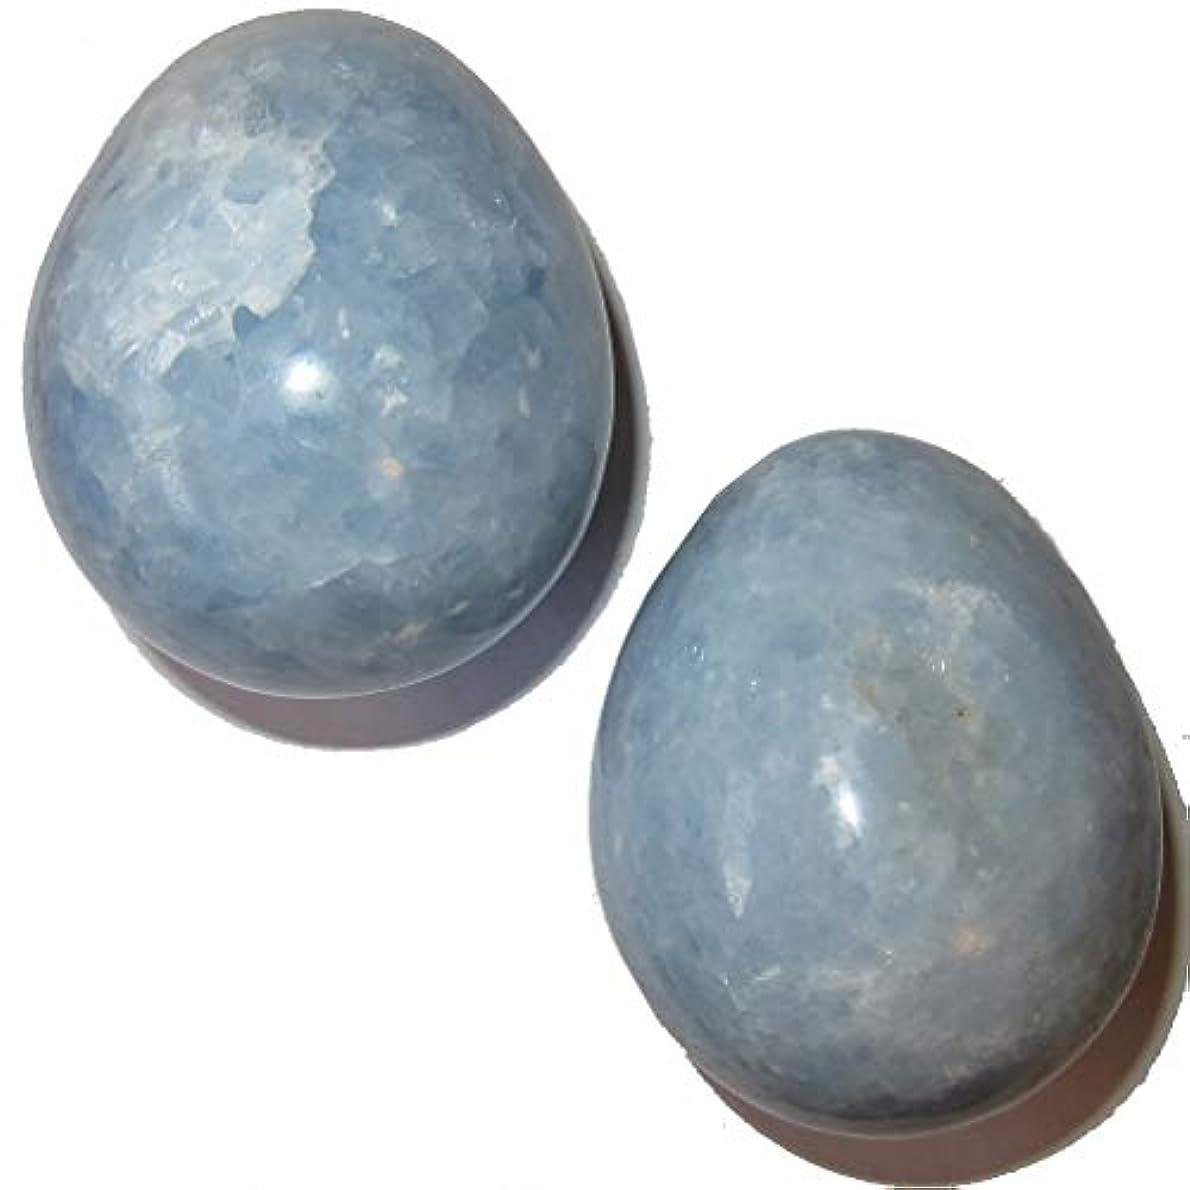 同一性見かけ上たっぷりCalcite Eggブルー50天体クリスタルHealing Stone Holy Divination Prayer Gemstone 2.3